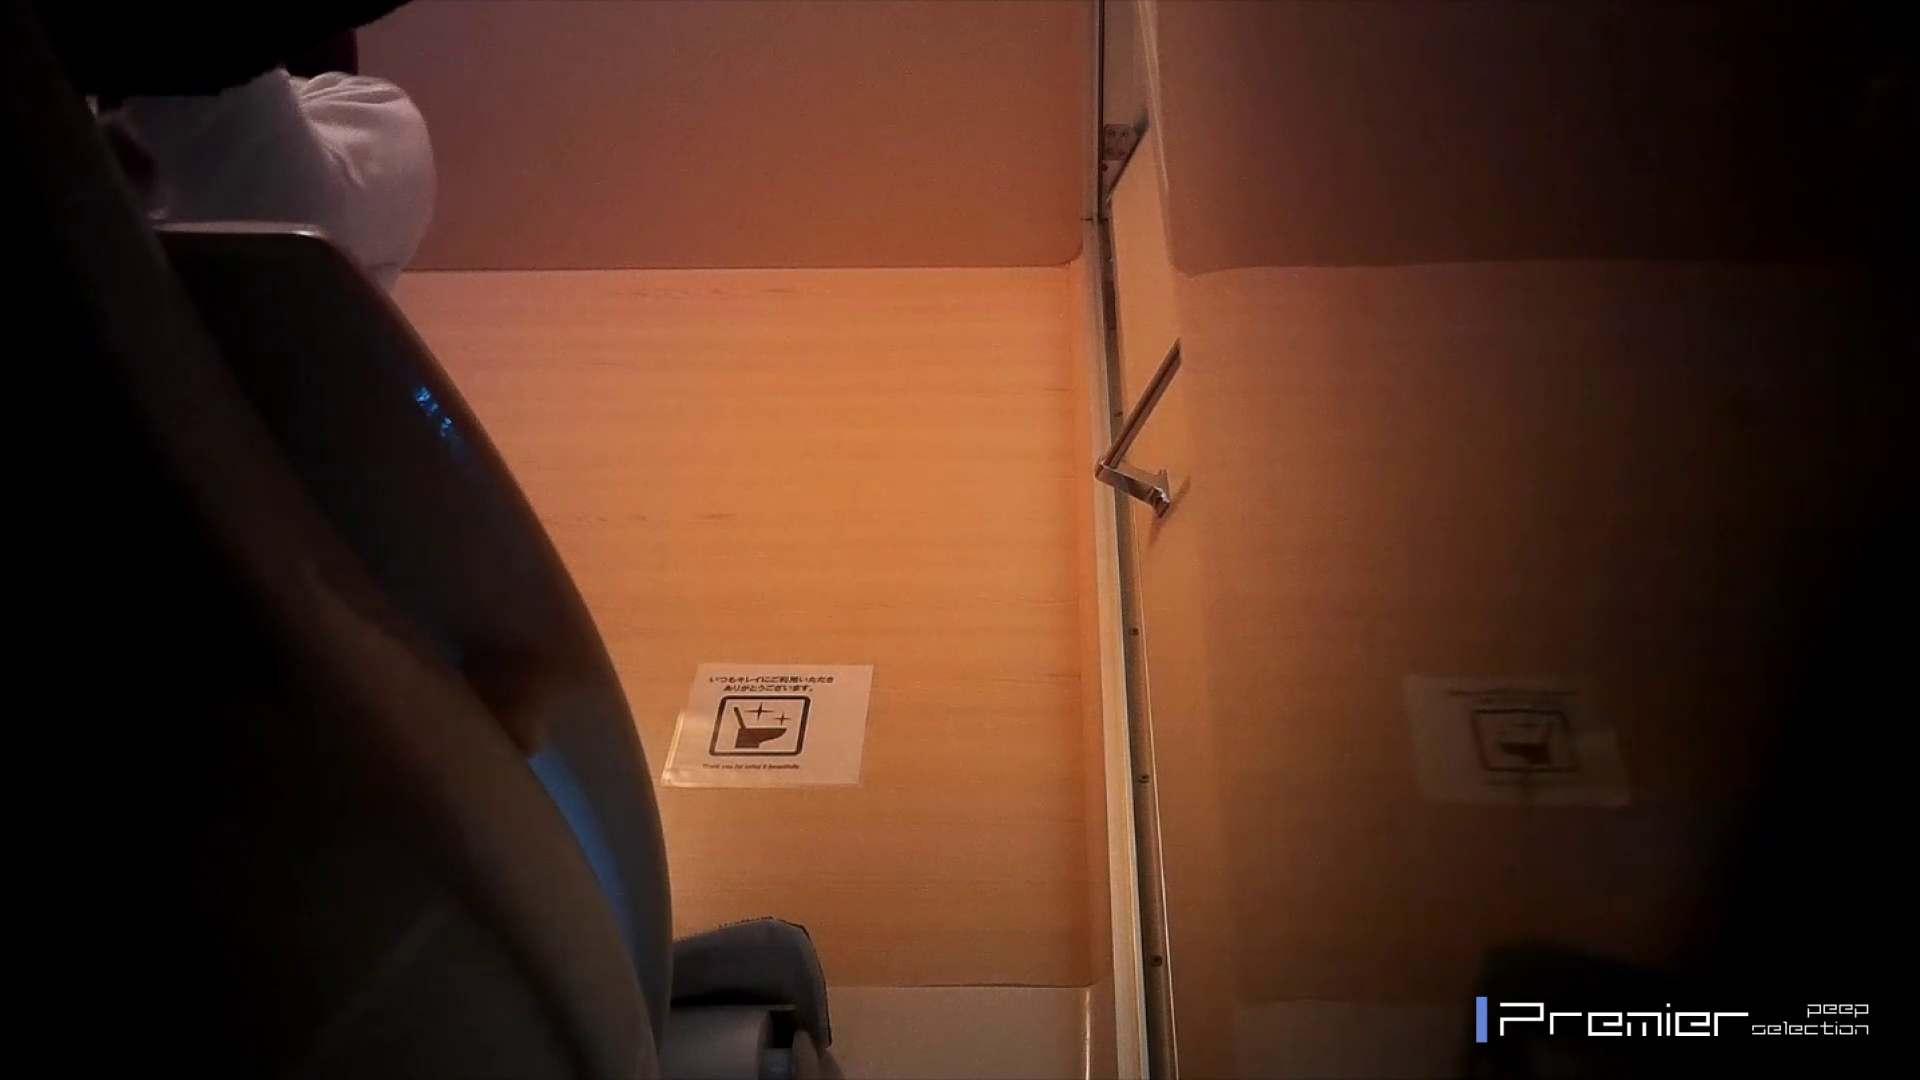 ▲2017_09位▲ 某格安温泉地宿泊施設トイレ盗撮 Vol.03 巨乳  54PIX 53